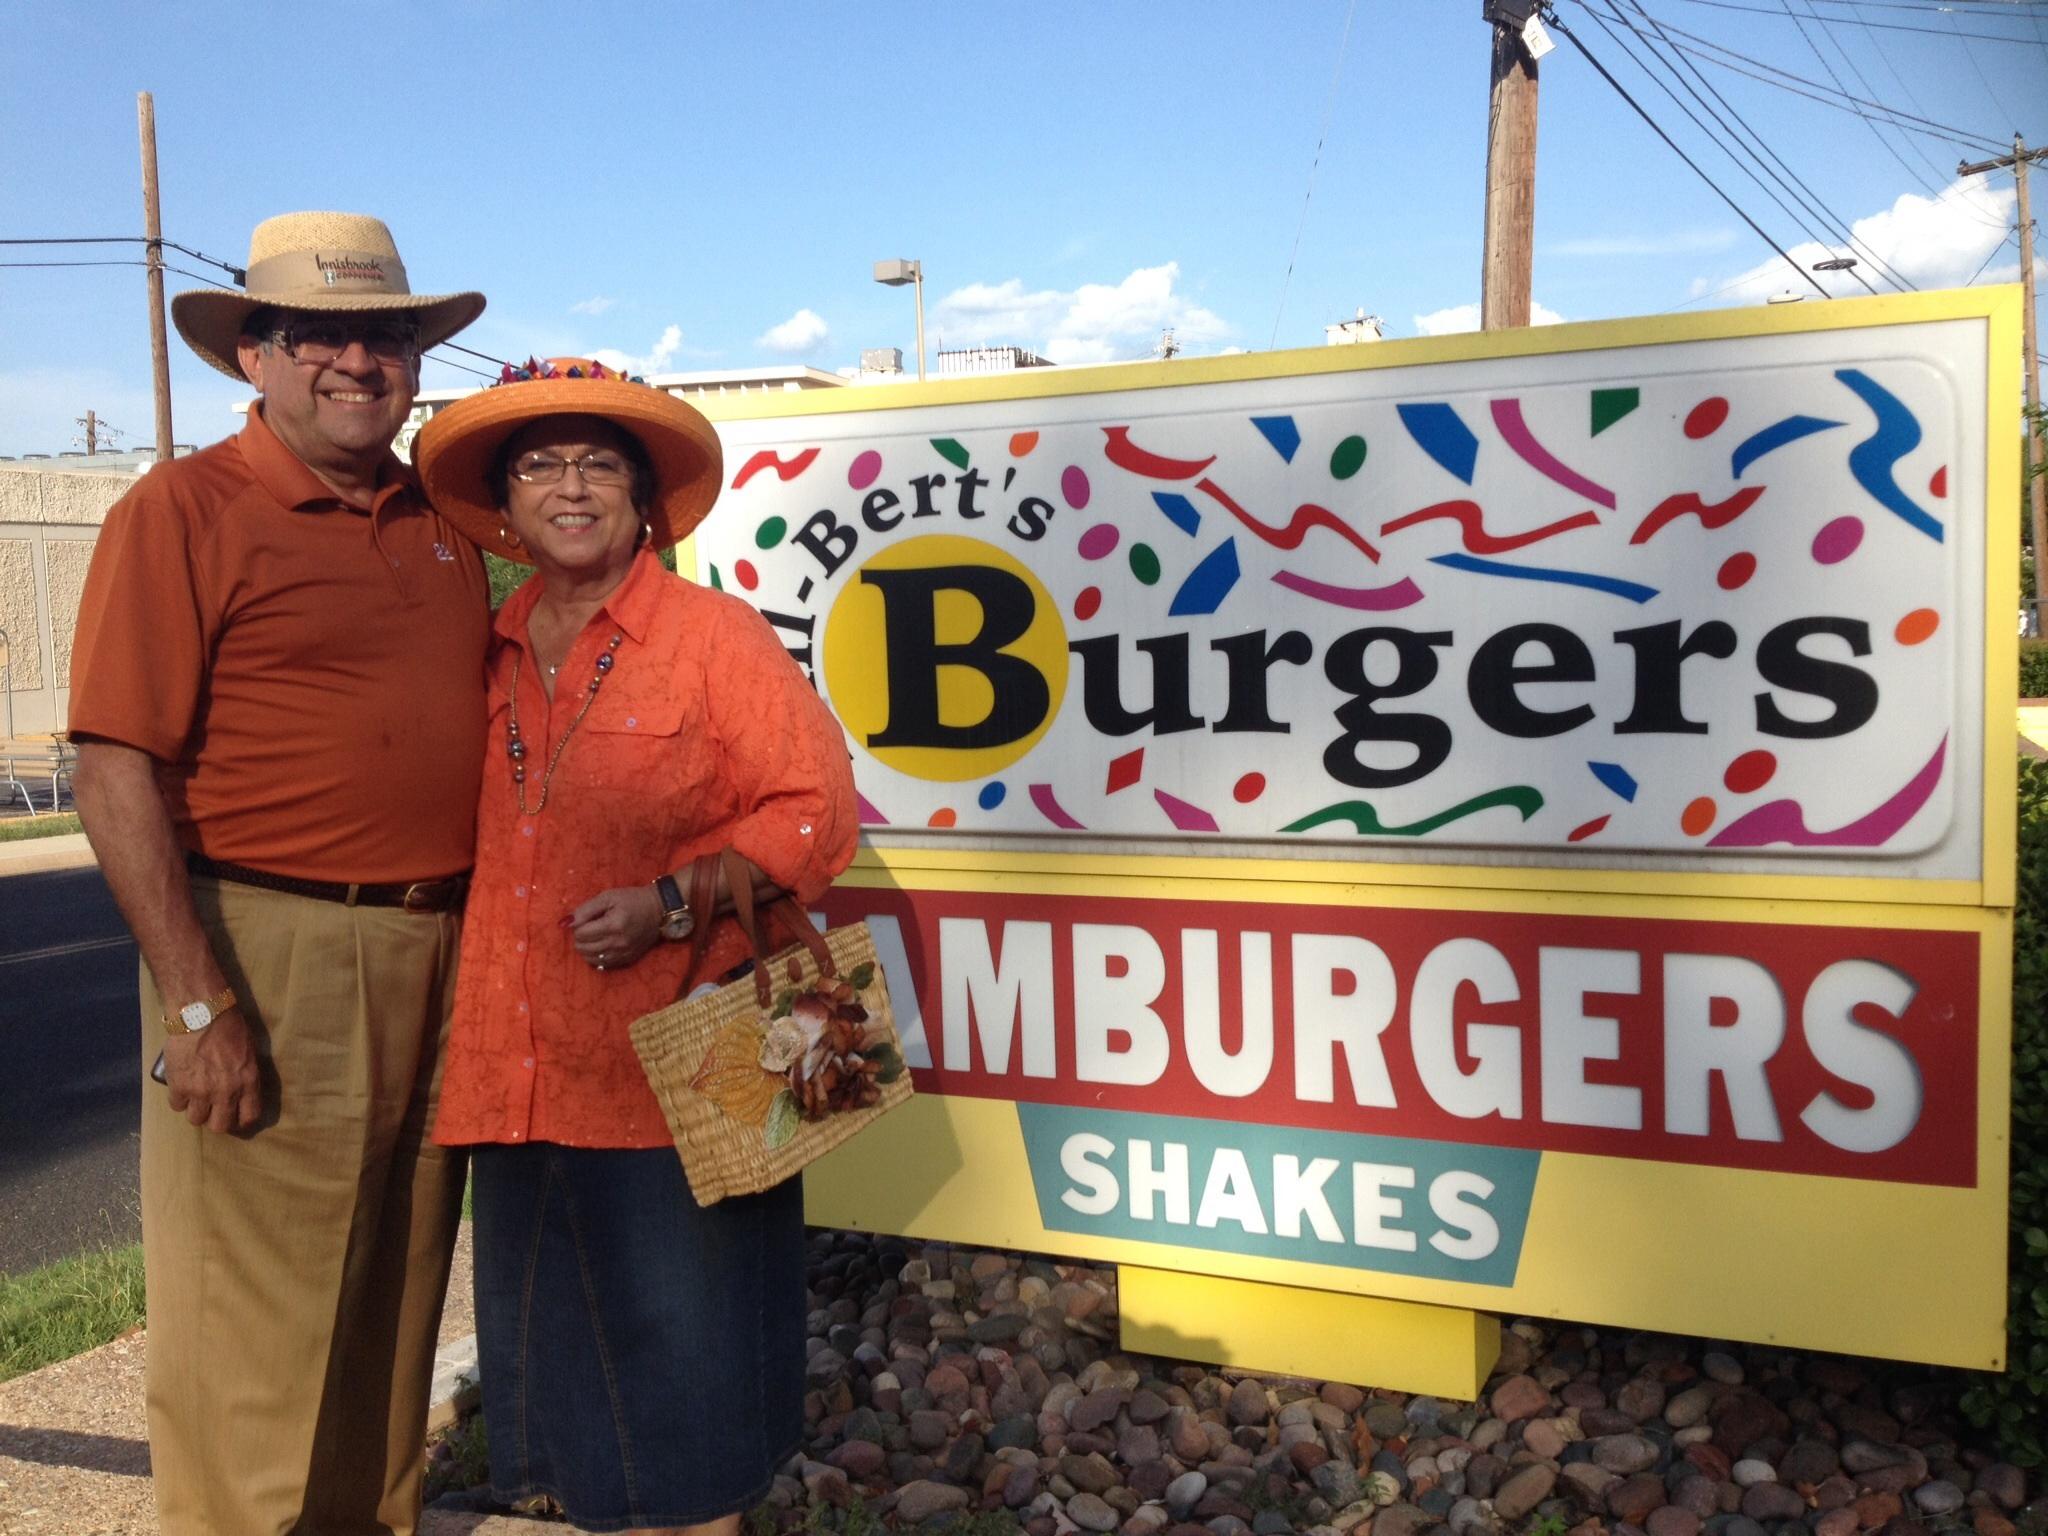 Hill-Bert's Delivers Hamburgers, Austin, Texas